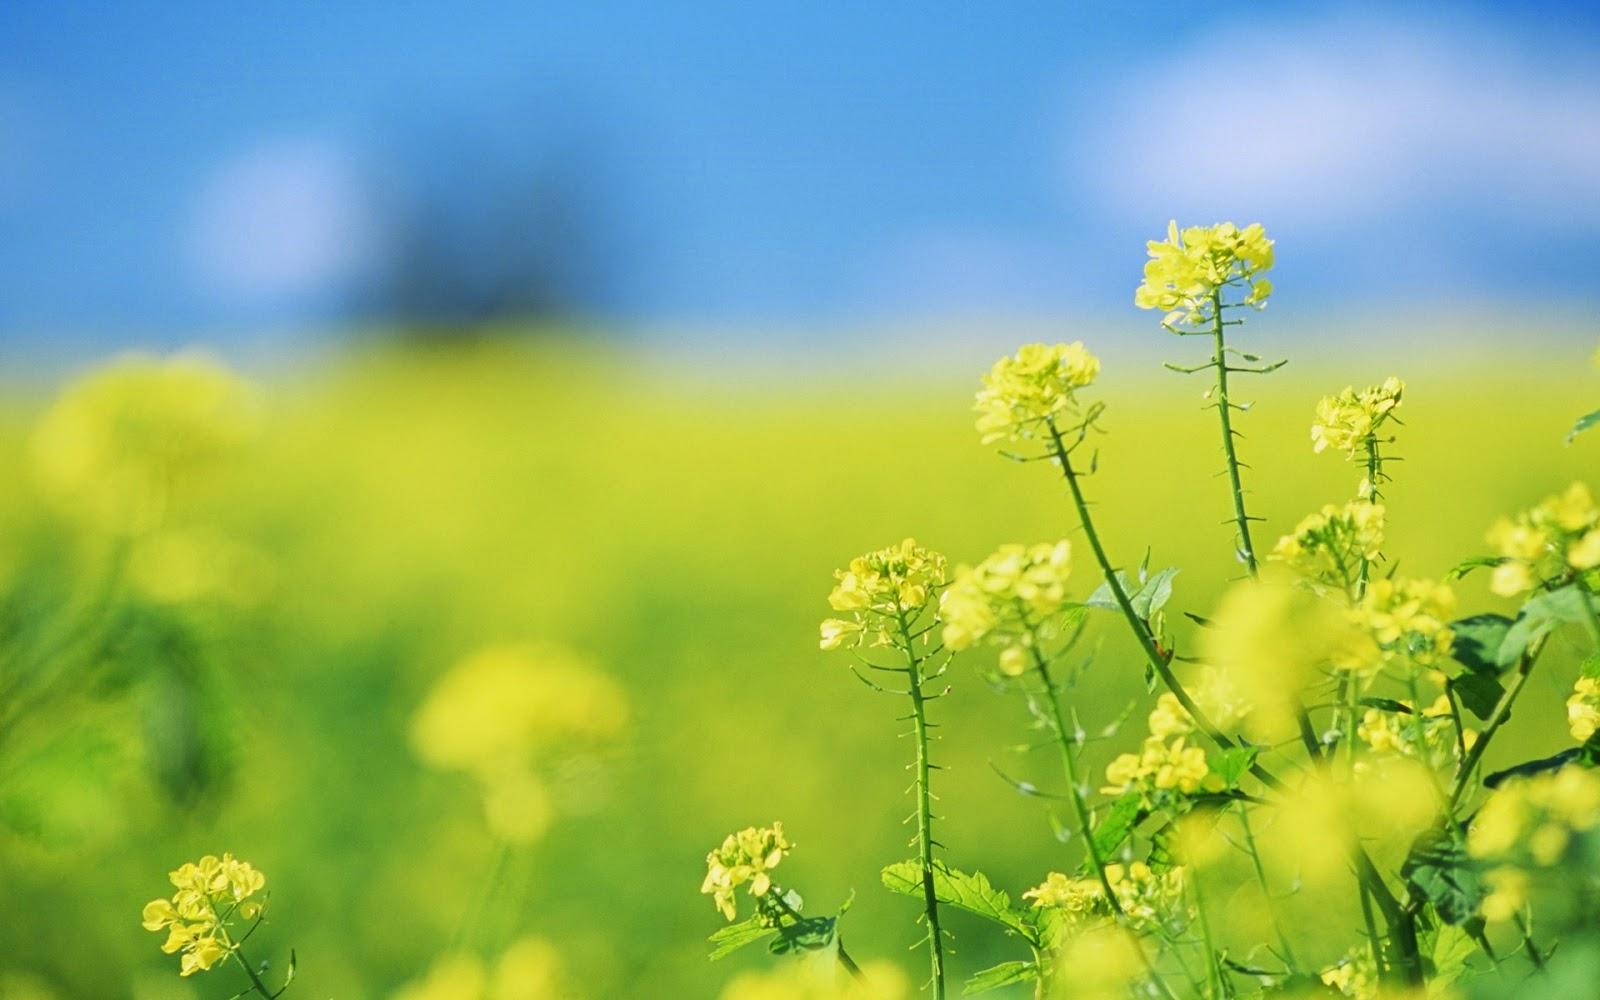 Kleine gele bloemen in de zomer